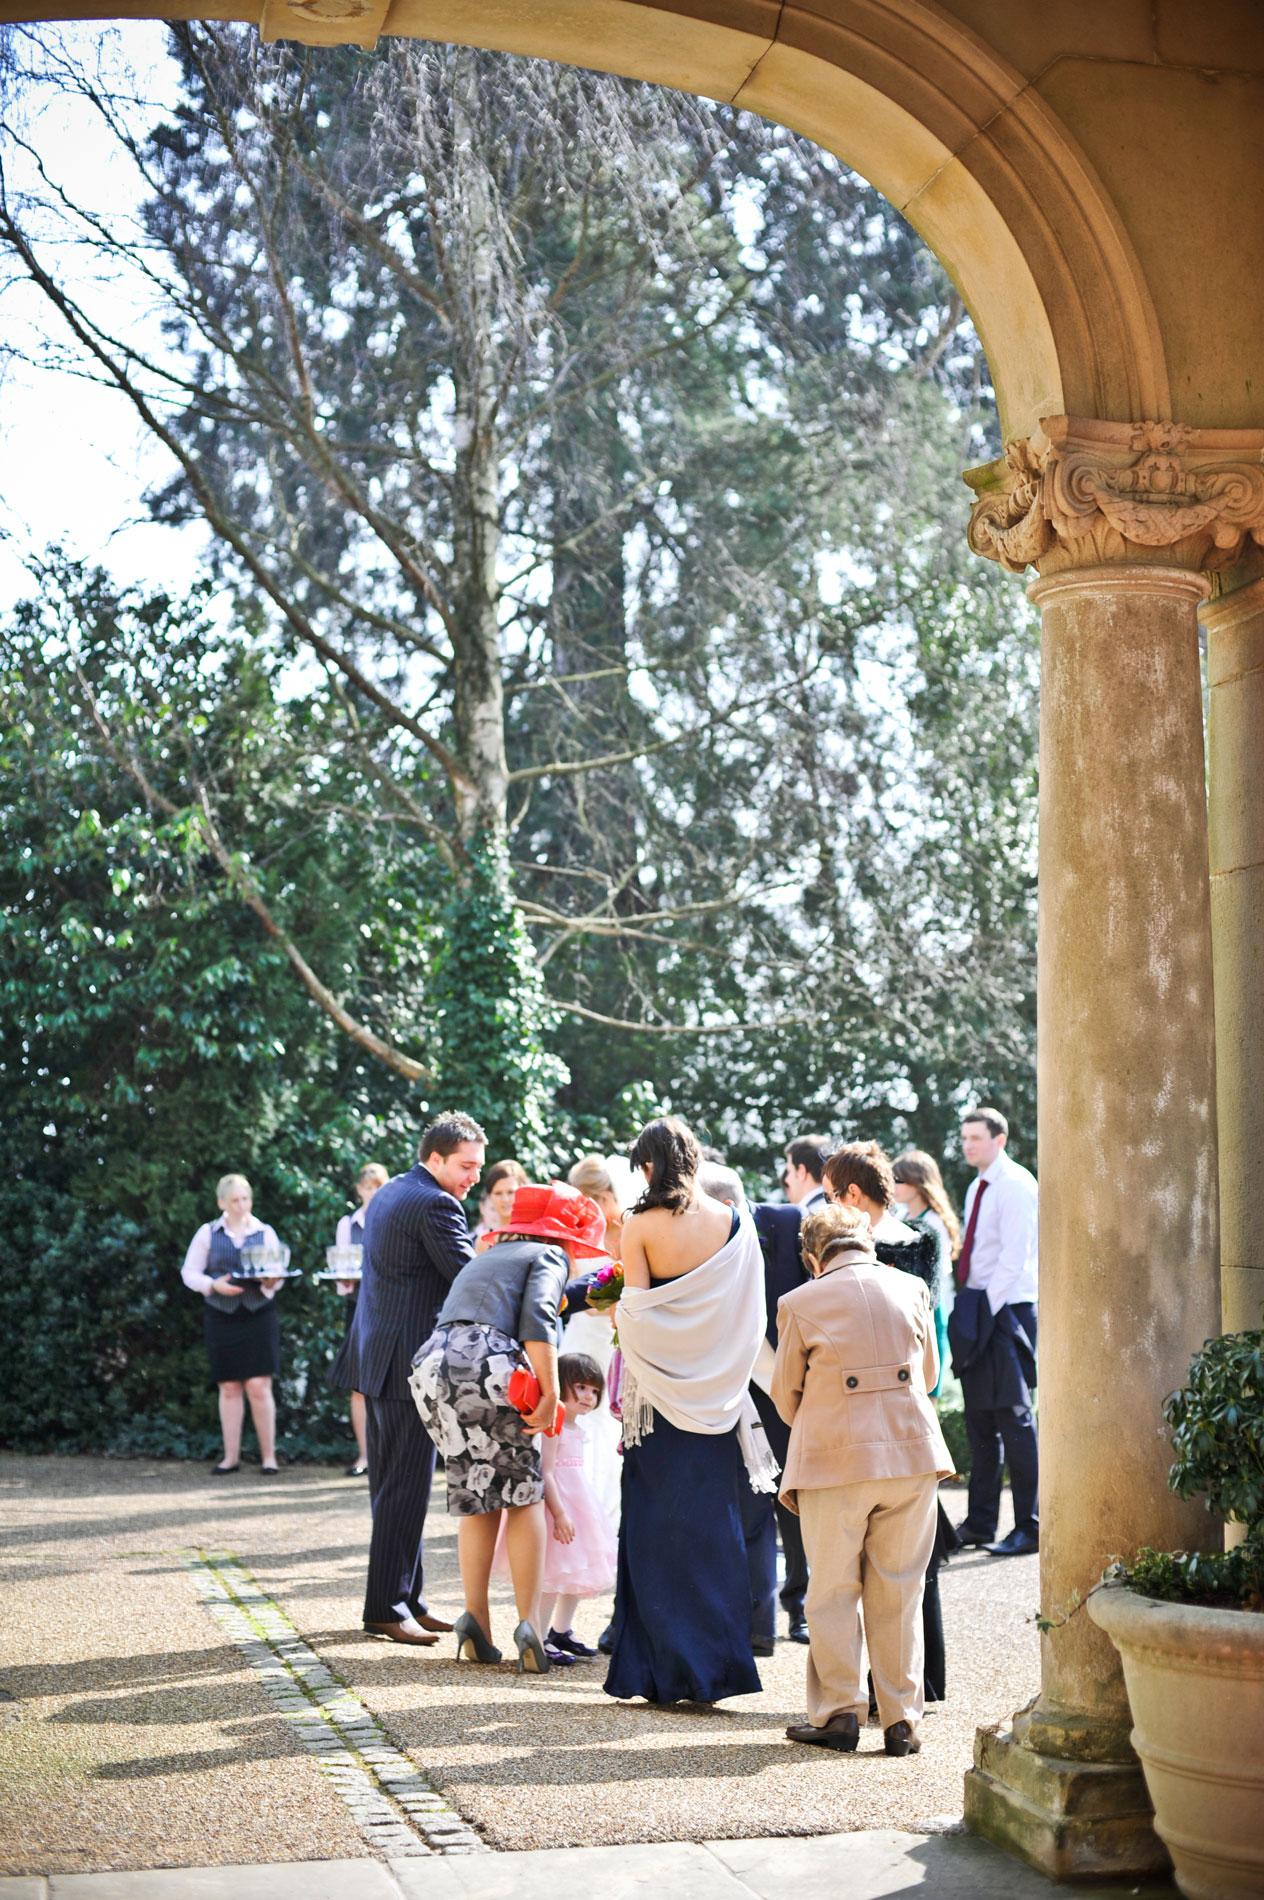 Kilworth-weddings-_50.jpg